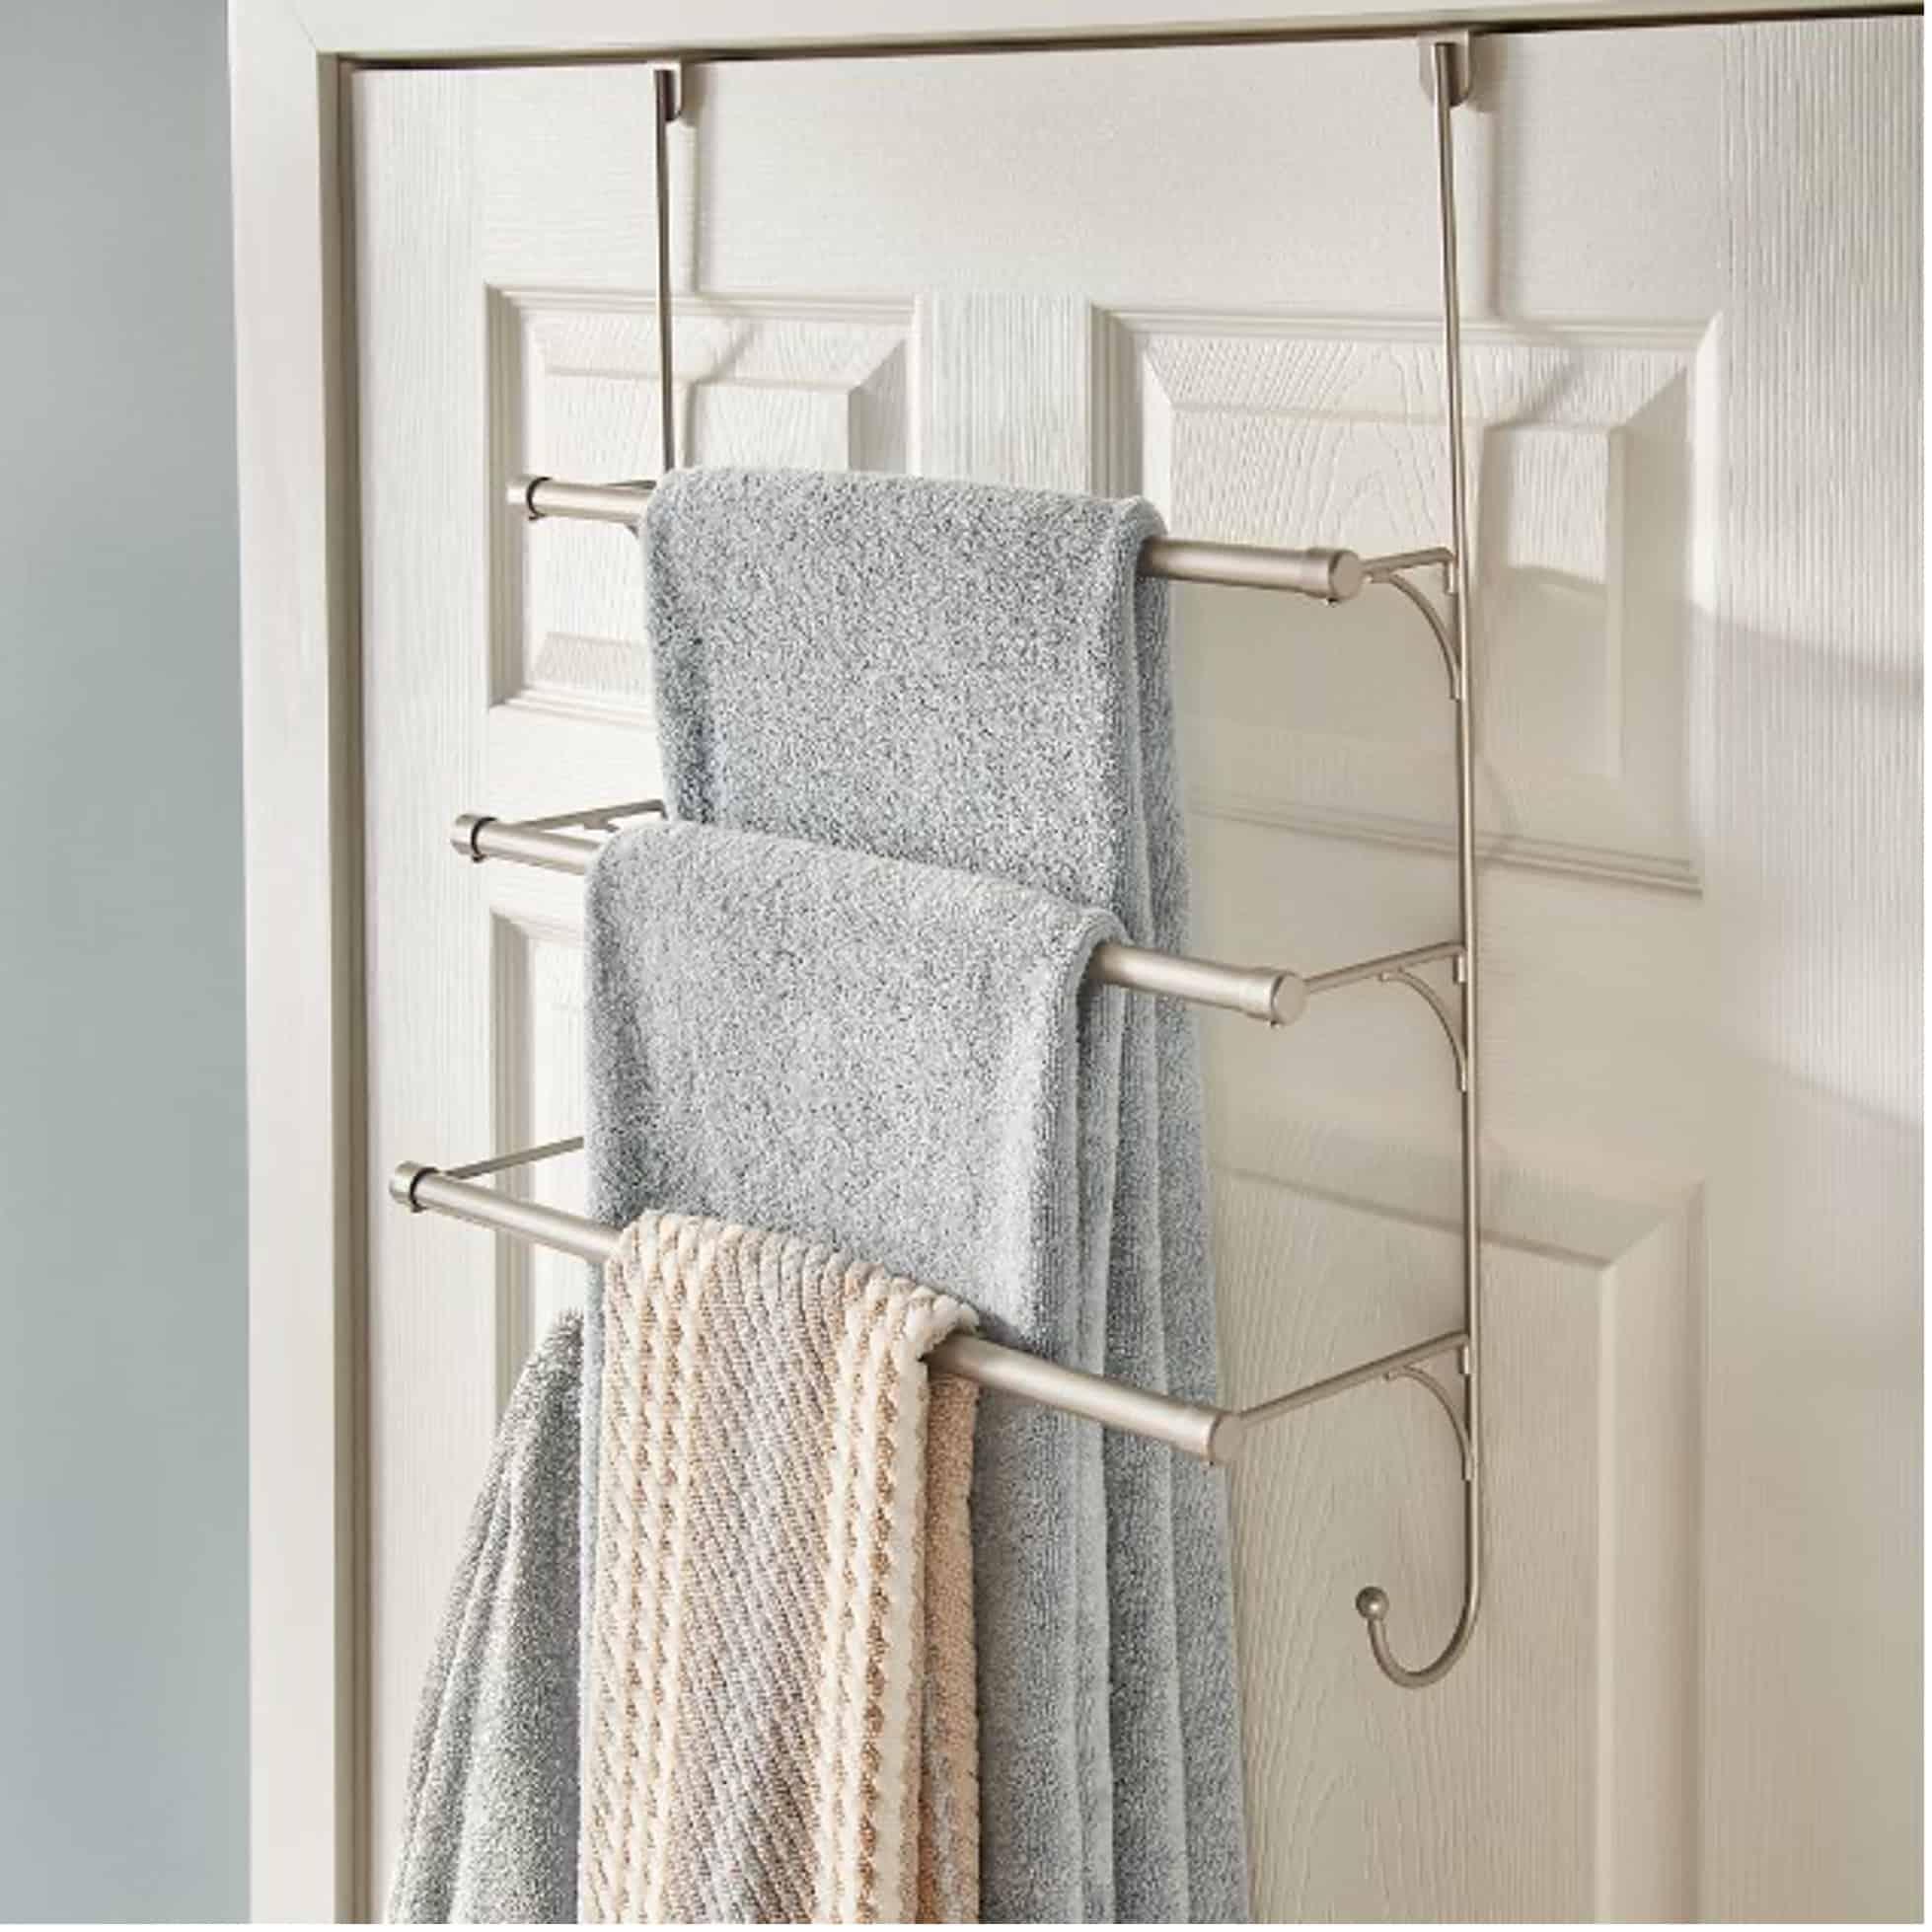 Hang a Towel Rack Over the Door